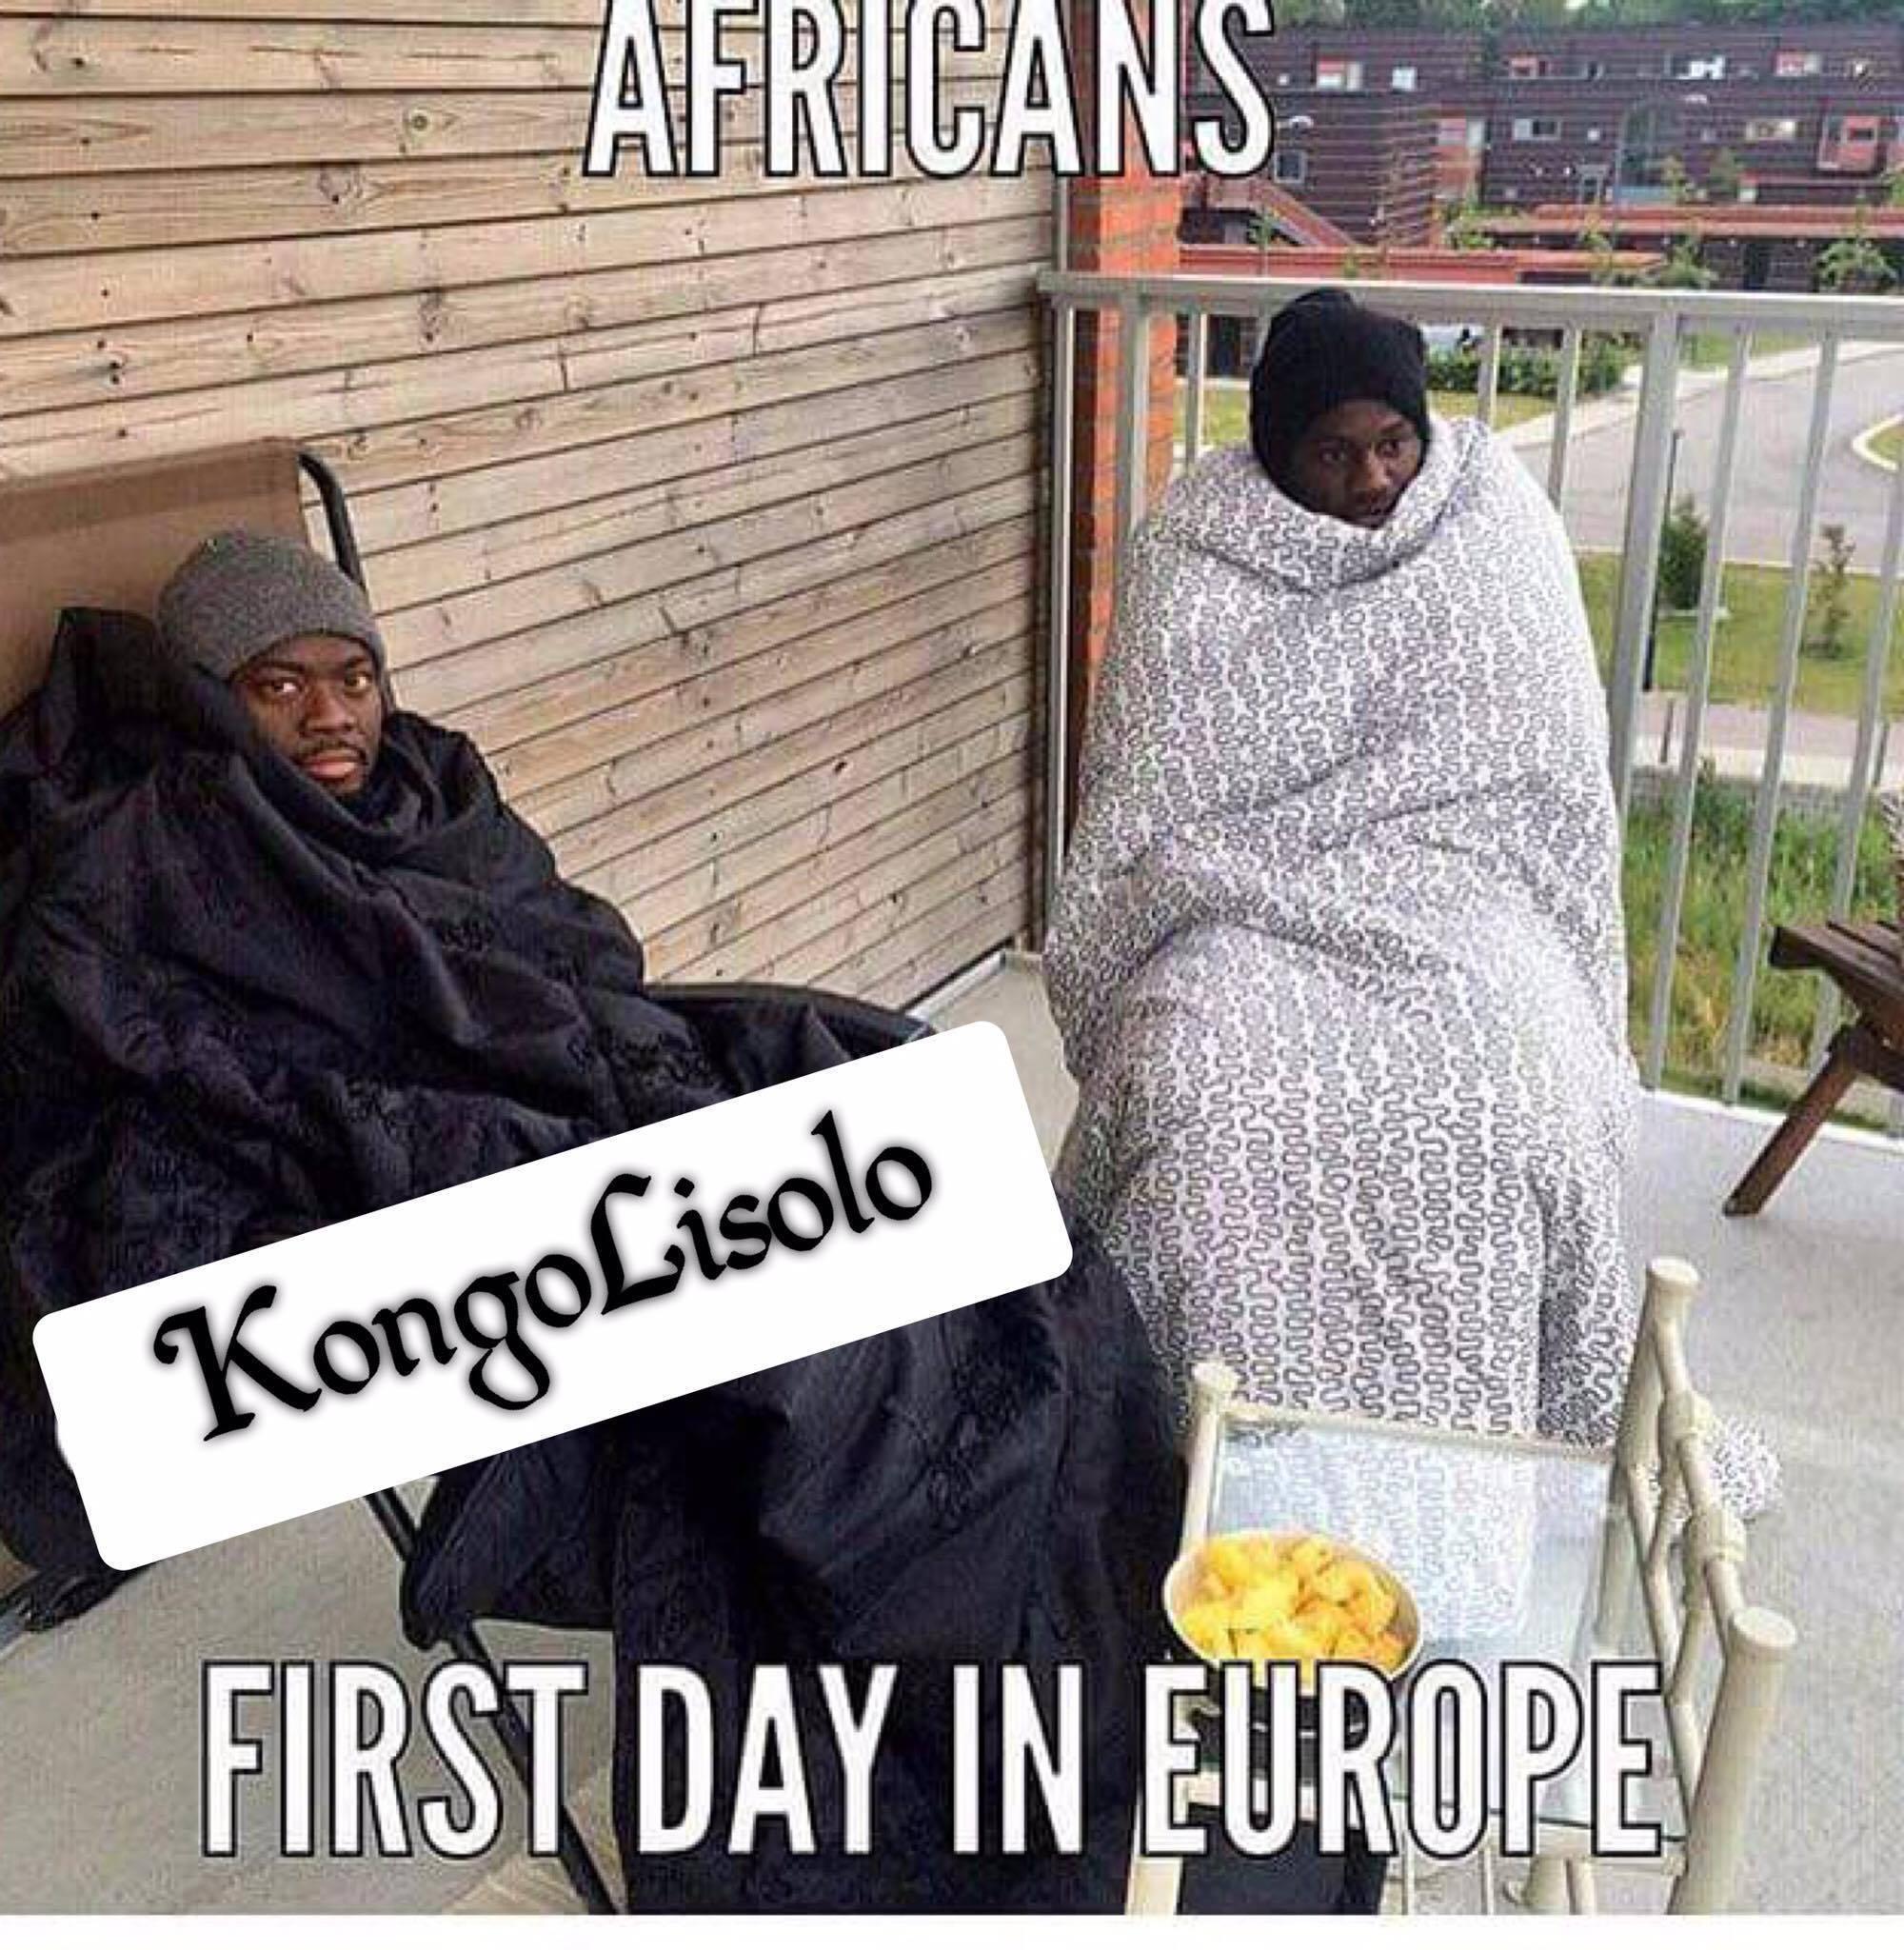 Africains Premier jour en Europe et L'occident vu par un Africain